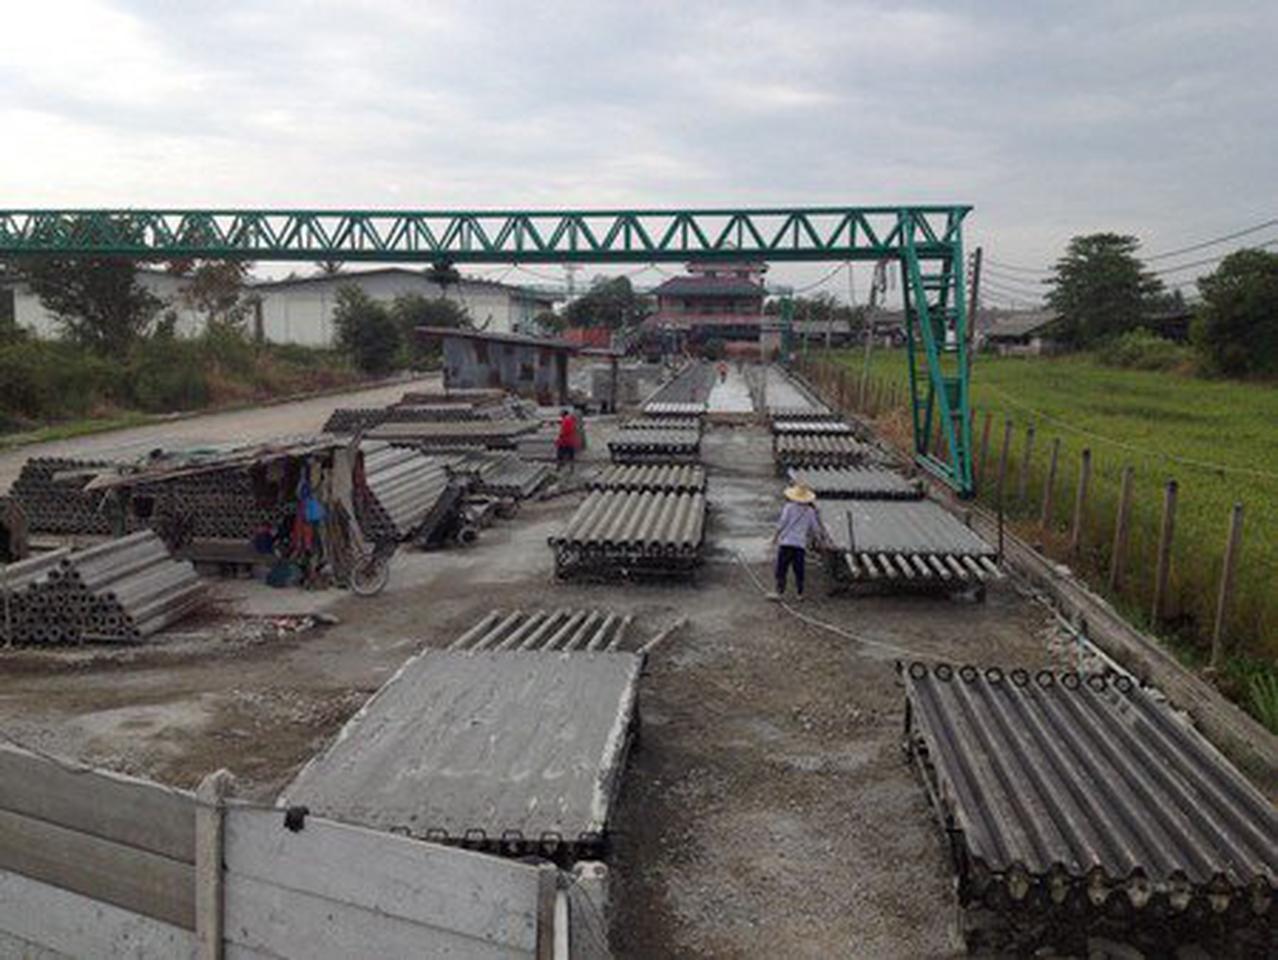 ขายกิจการพร้อมโรงงานผลิตเสาเข็ม แผ่นพื้นสำเร็จอื่นๆ จ.ปทุมธานี  รูปที่ 6